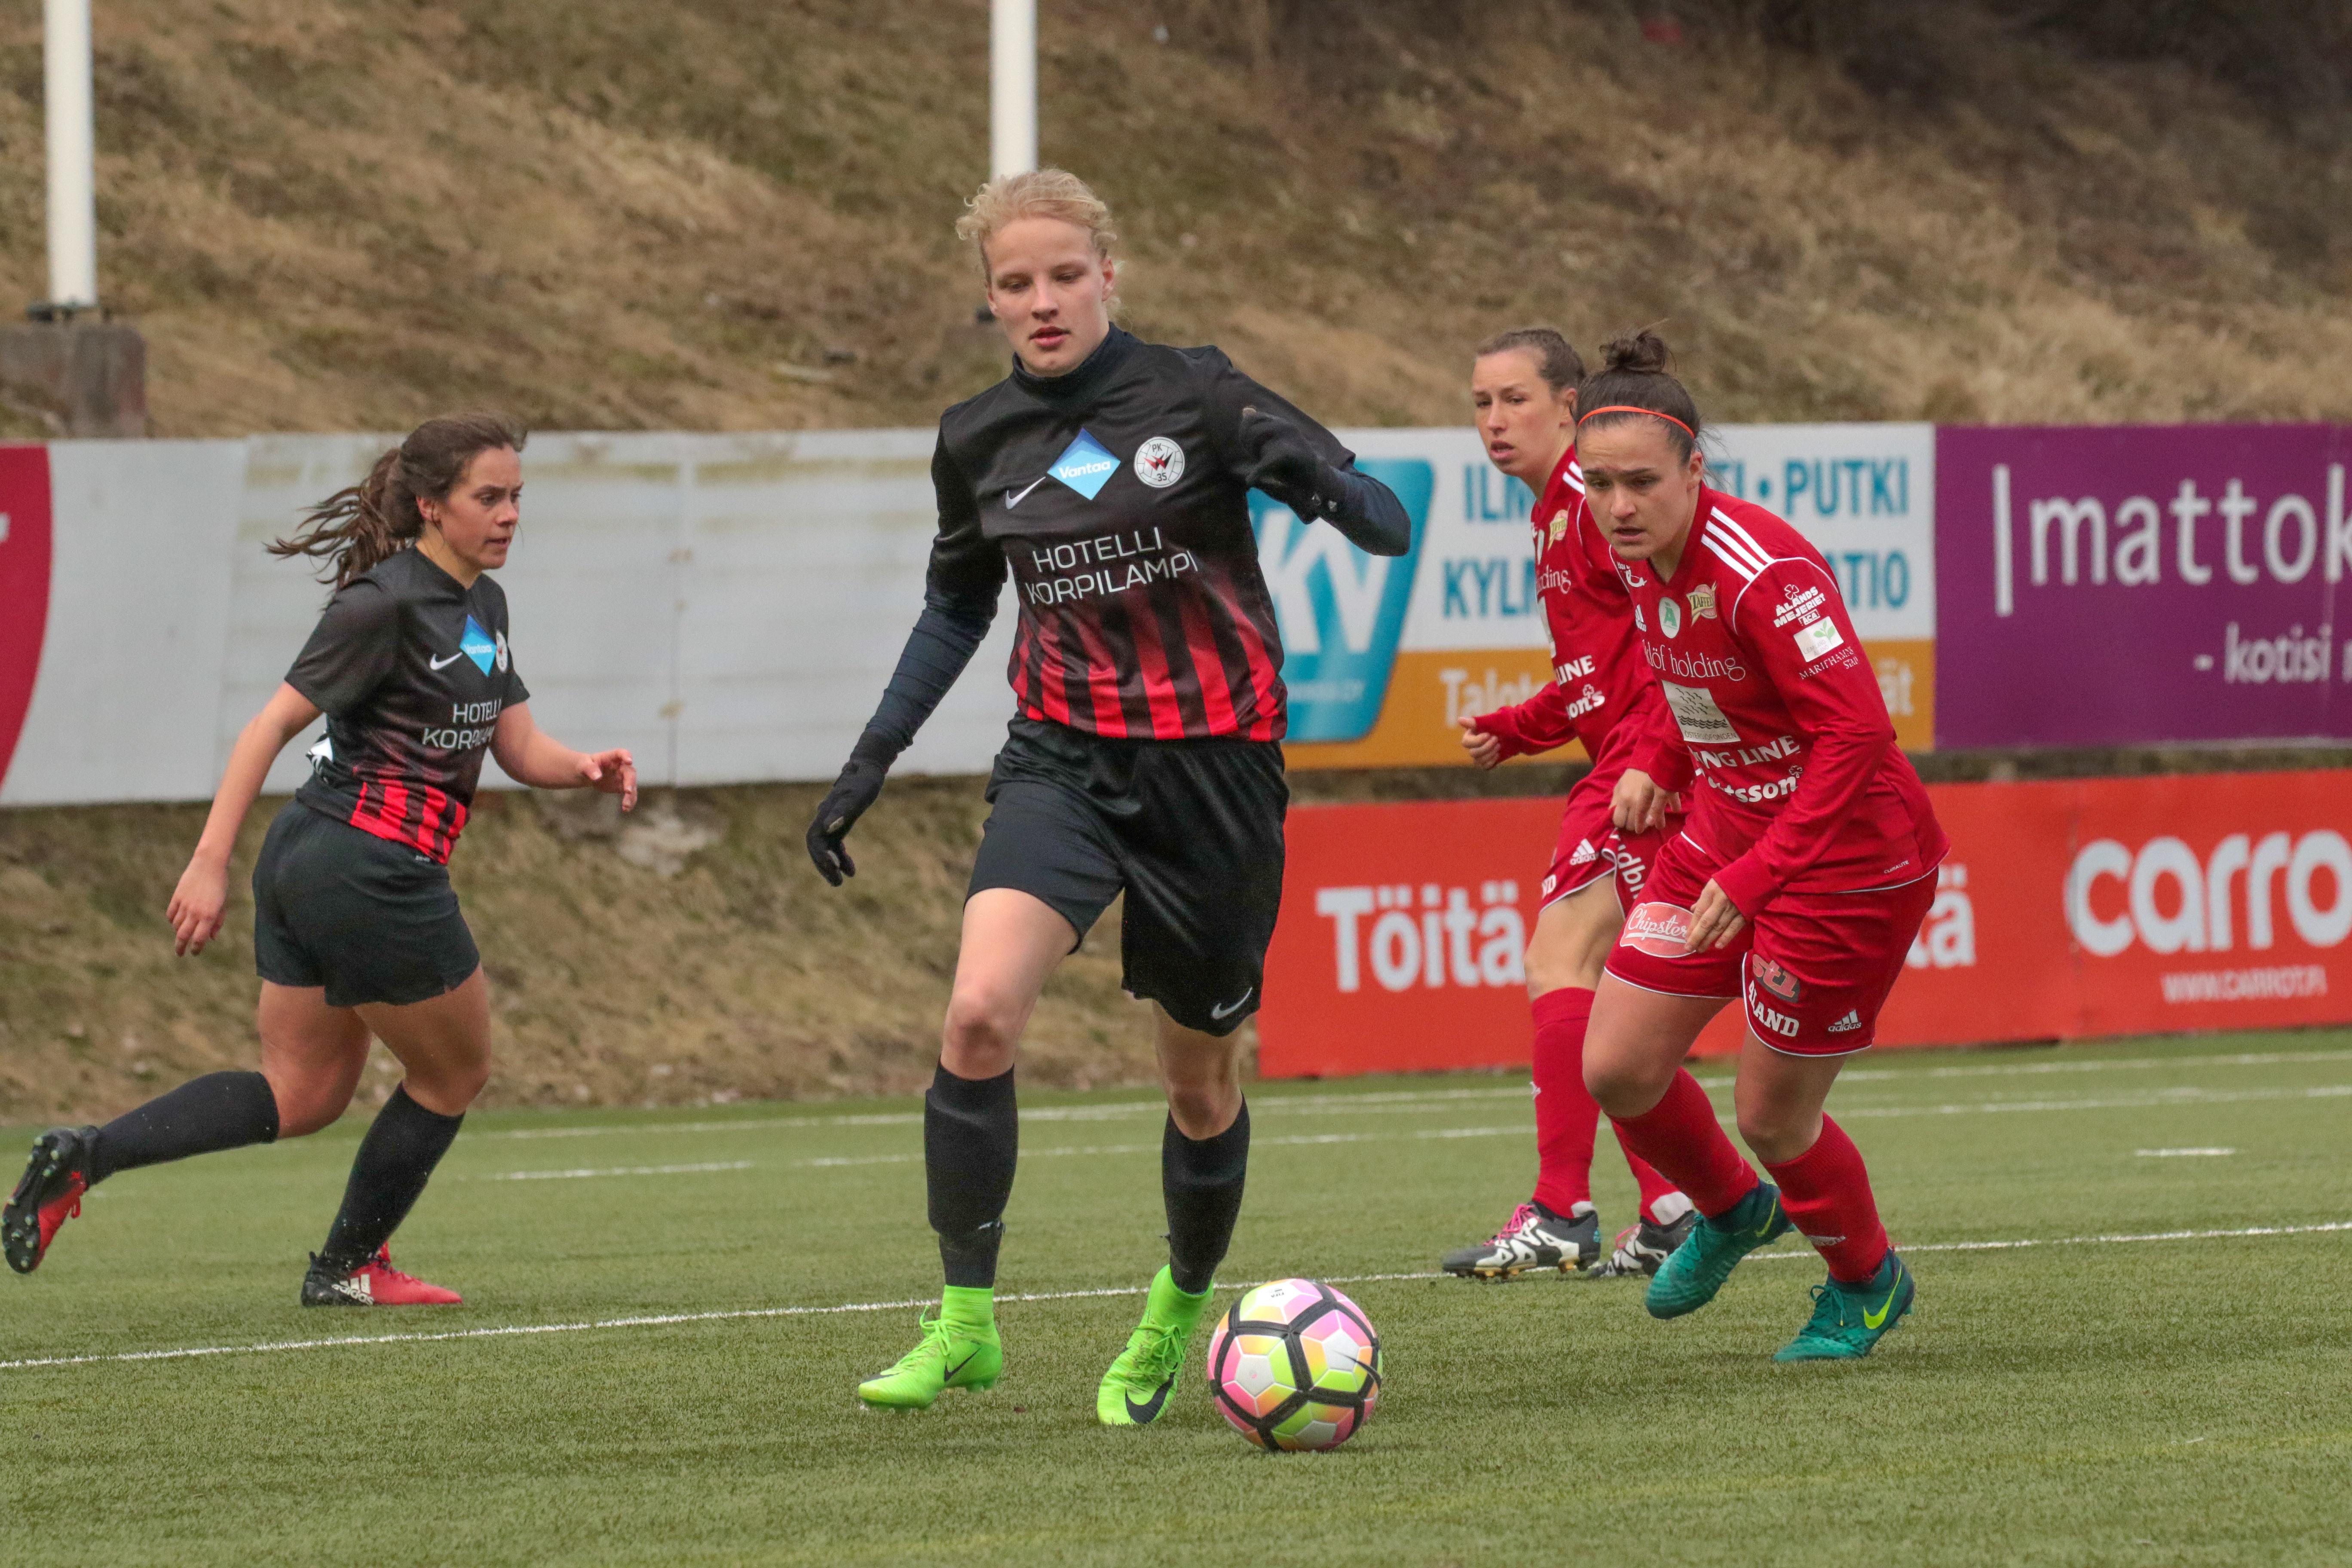 PK 35 Vantaa – Åland United, 1 0, Naisten Liiga, 14.4.2017 42